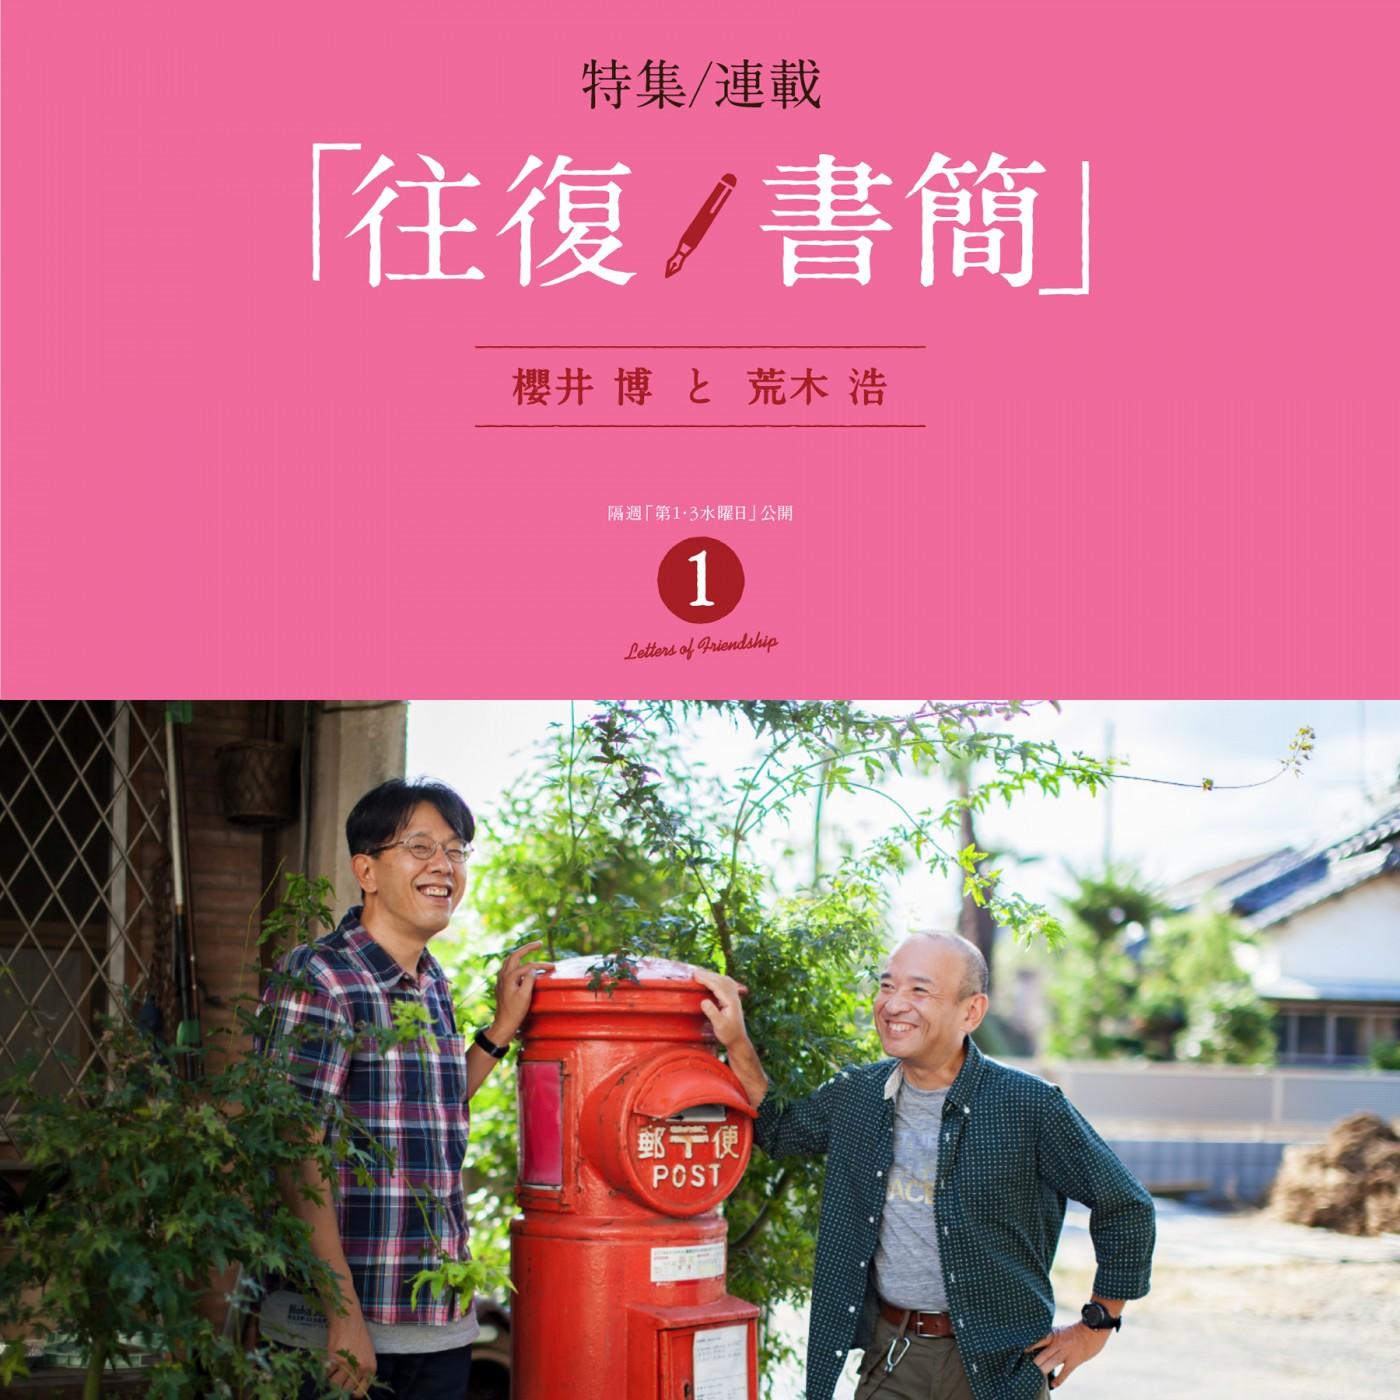 往復書簡 01 荒木浩と櫻井博